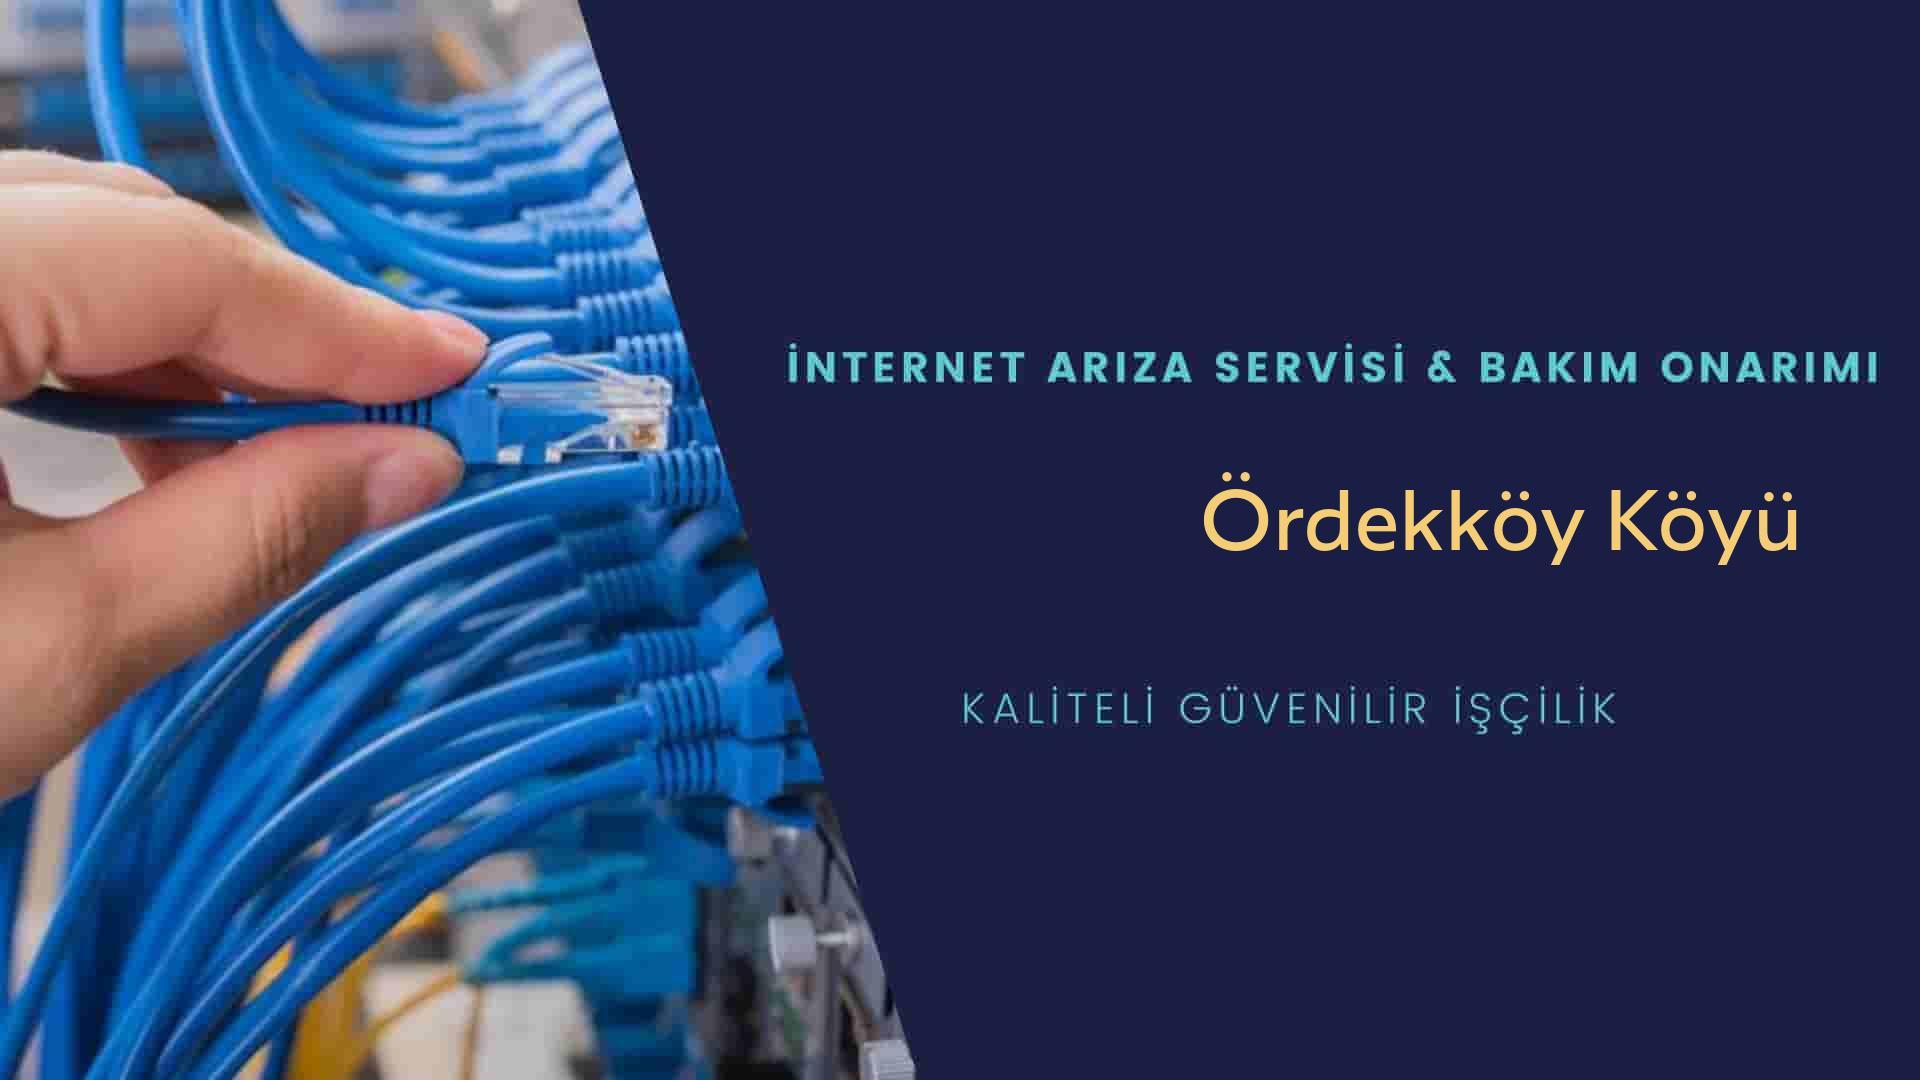 Ördekköy Köyü internet kablosu çekimi yapan yerler veya elektrikçiler mi? arıyorsunuz doğru yerdesiniz o zaman sizlere 7/24 yardımcı olacak profesyonel ustalarımız bir telefon kadar yakındır size.